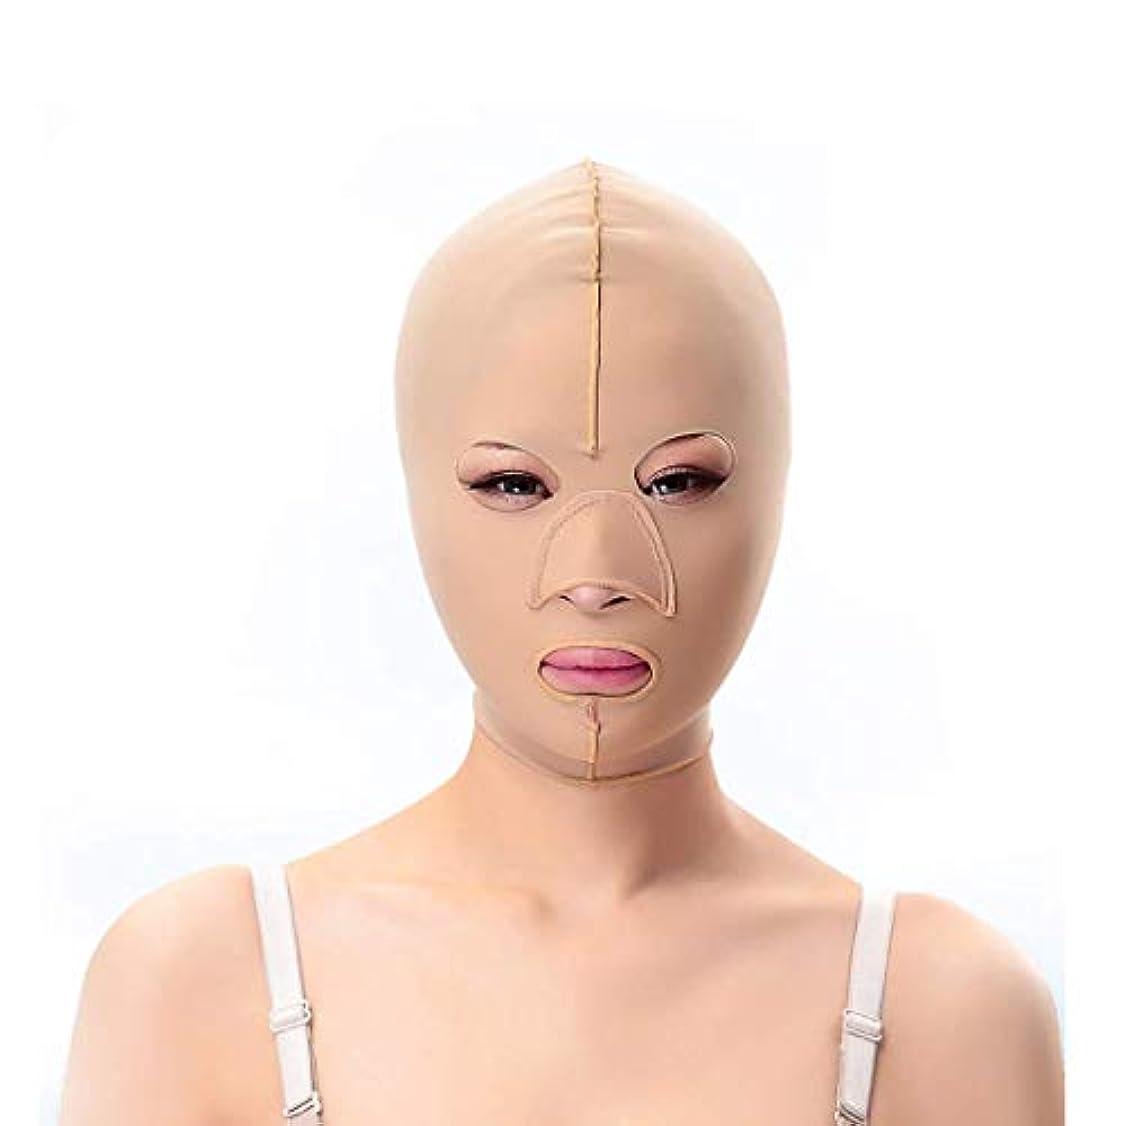 安定した性的札入れスリミングベルト、二重あごの引き締め顔のプラスチックフェイスアーティファクト強力なフェイス包帯を脇に持ち上げるパターンを欺くためのフェイシャルマスクシンフェイスマスク(サイズ:L),S